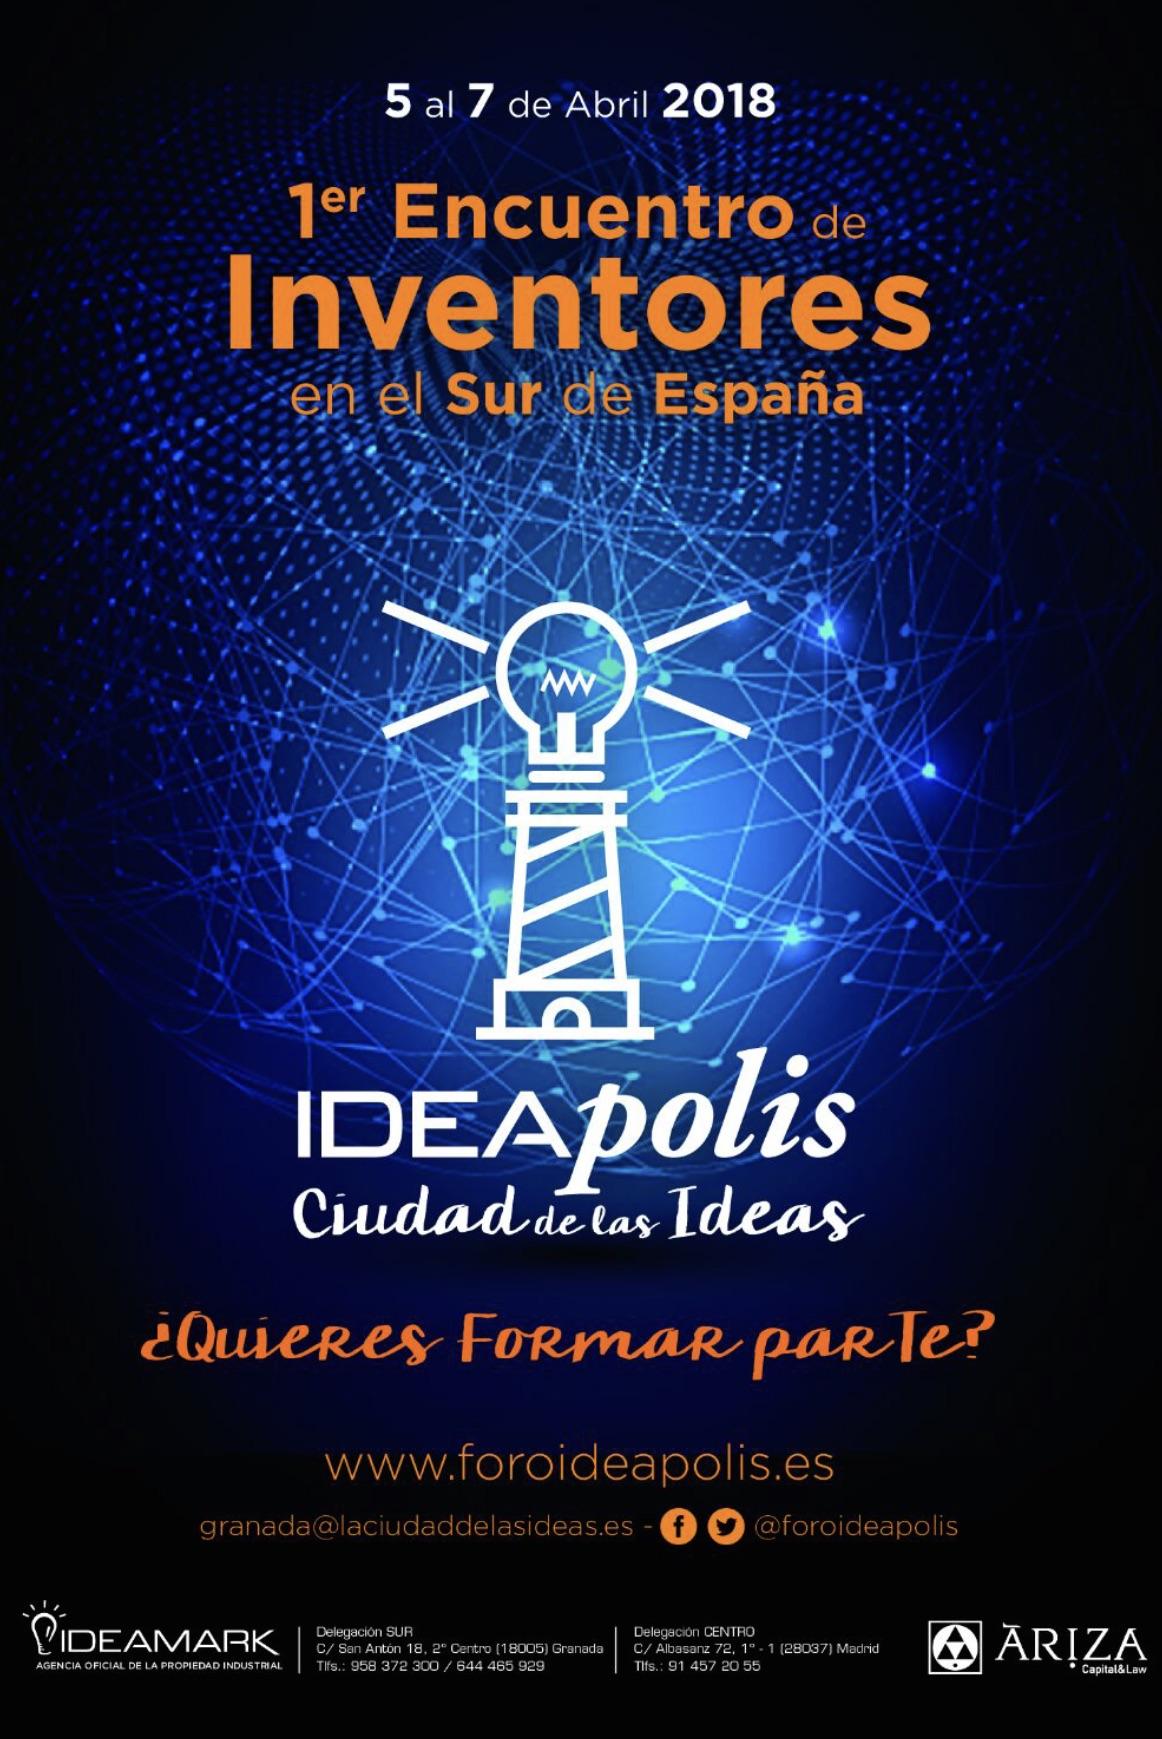 ideapolis